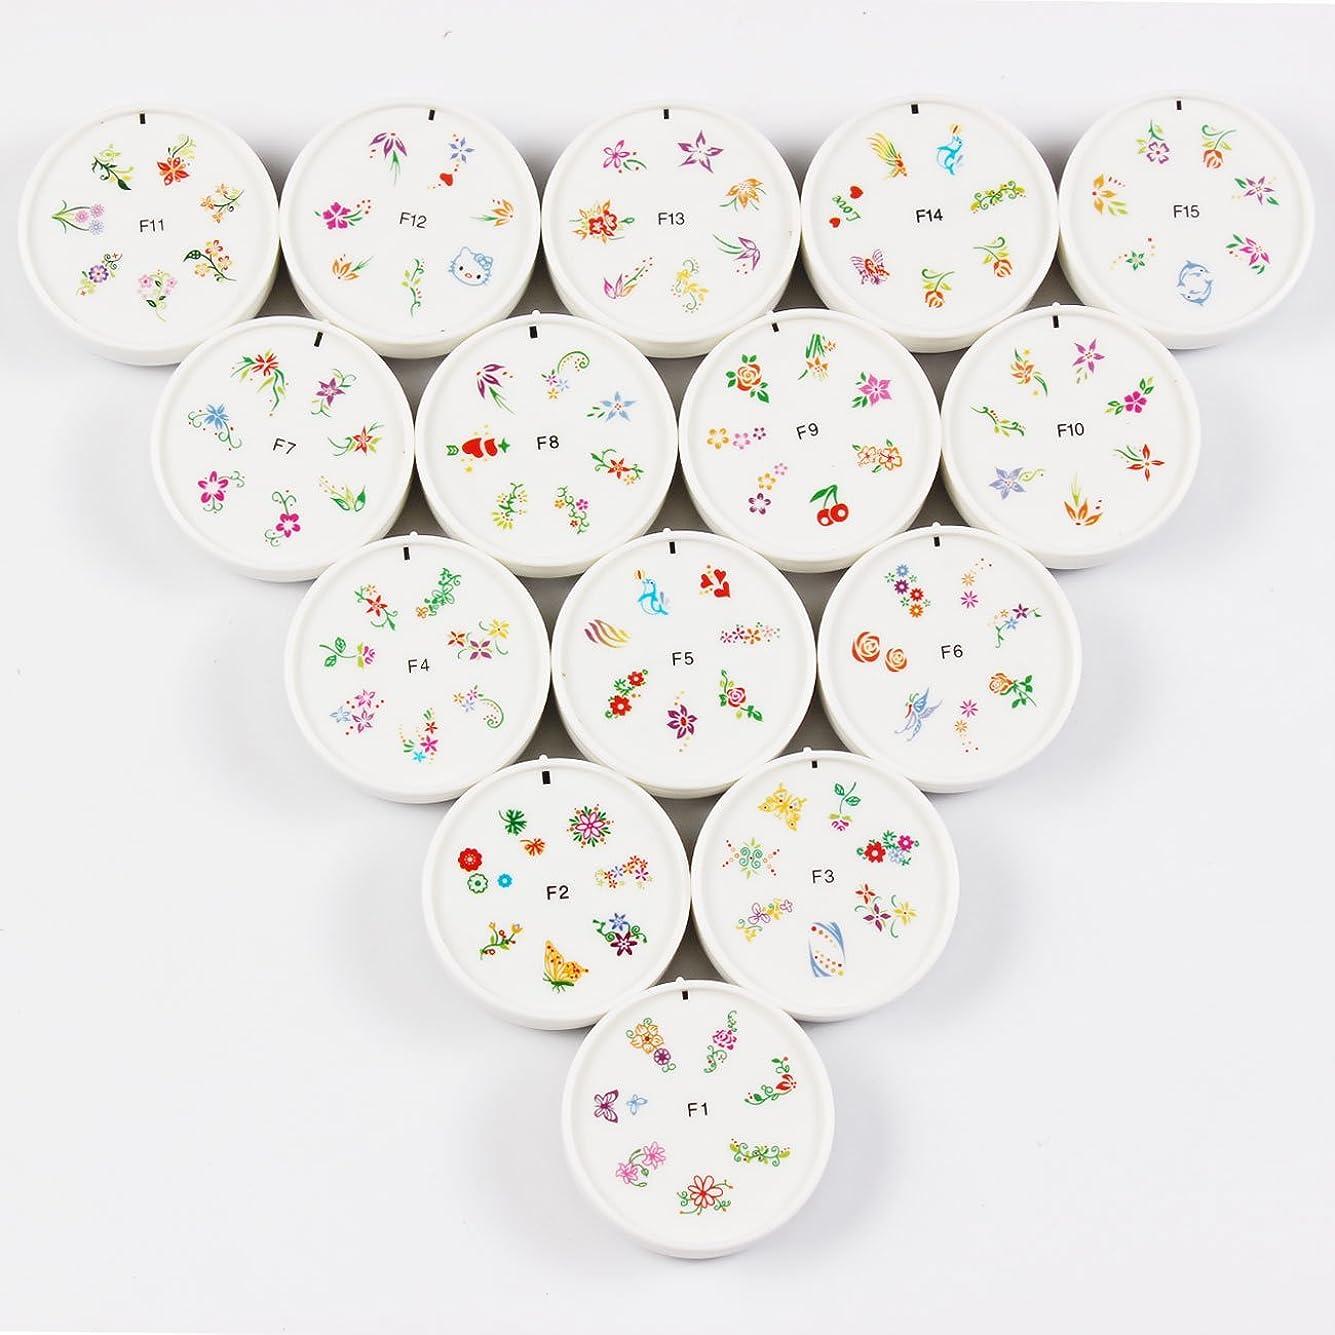 シャワー避難する子音FingerAngel ネイルイスタンプセット 15枚 ホワイト ネイルスタンパー ゴム プラスチック ネイルアート